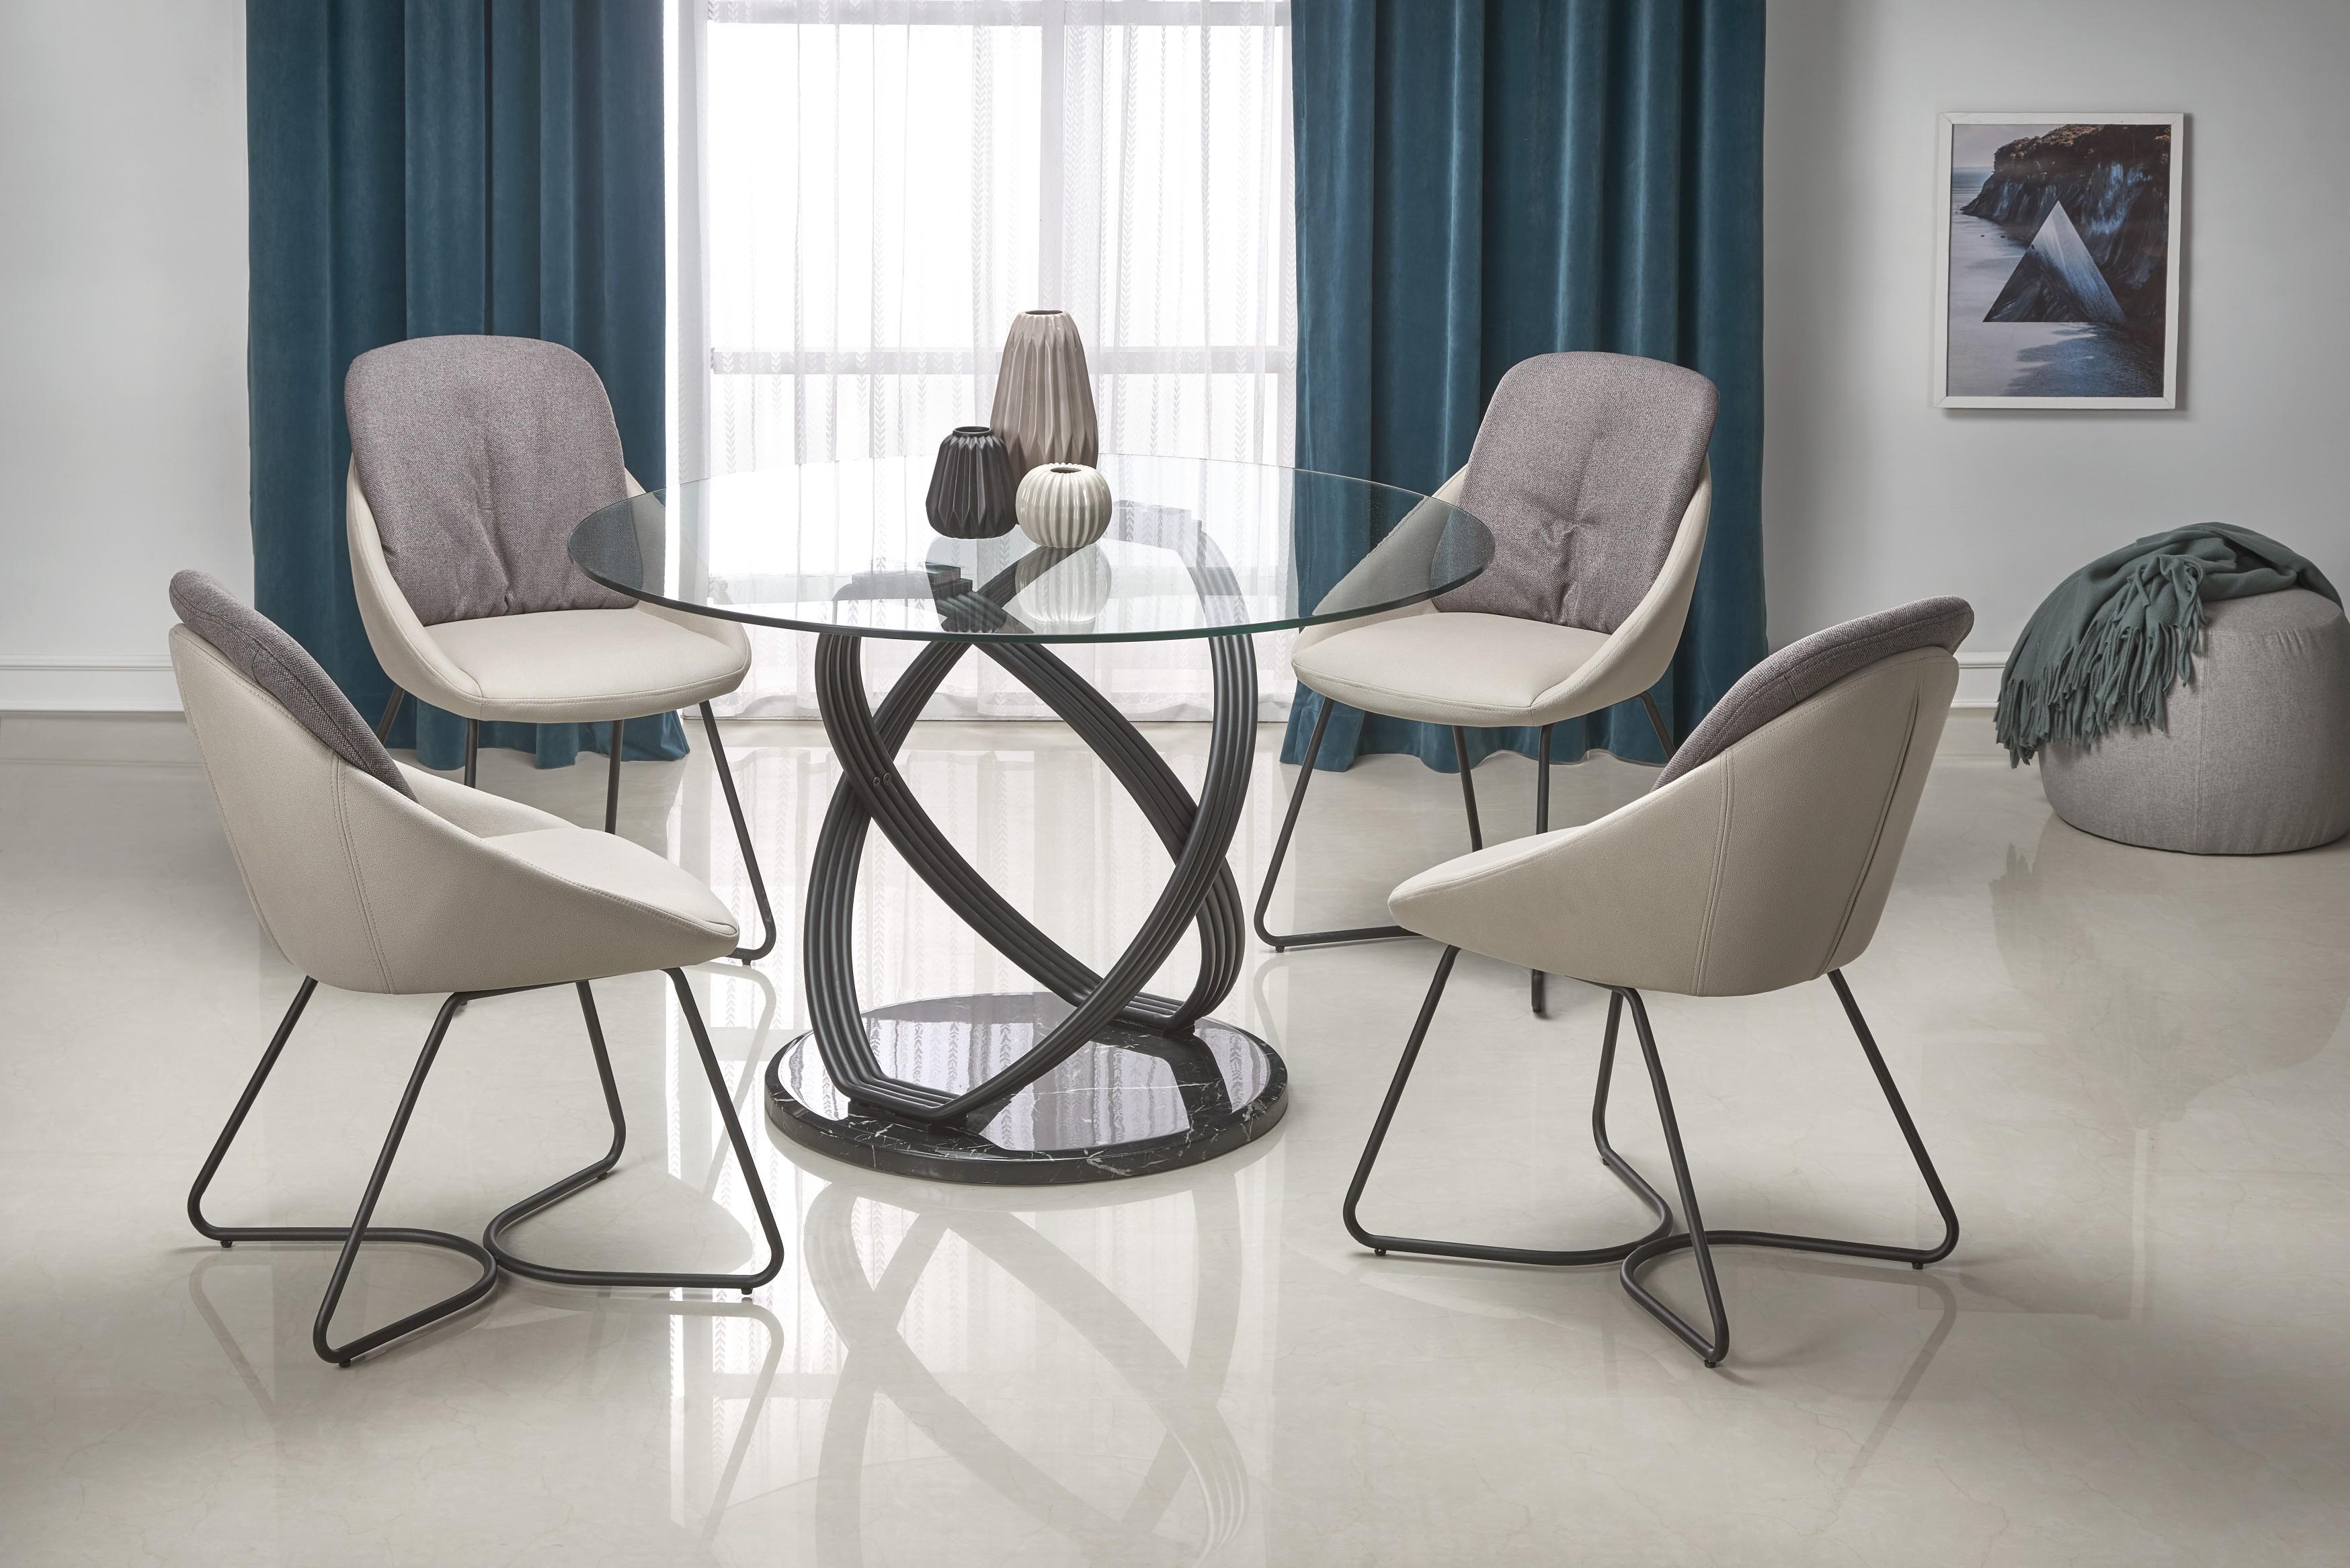 OPTICO stôl, doska - transparentná, nohy - čierna